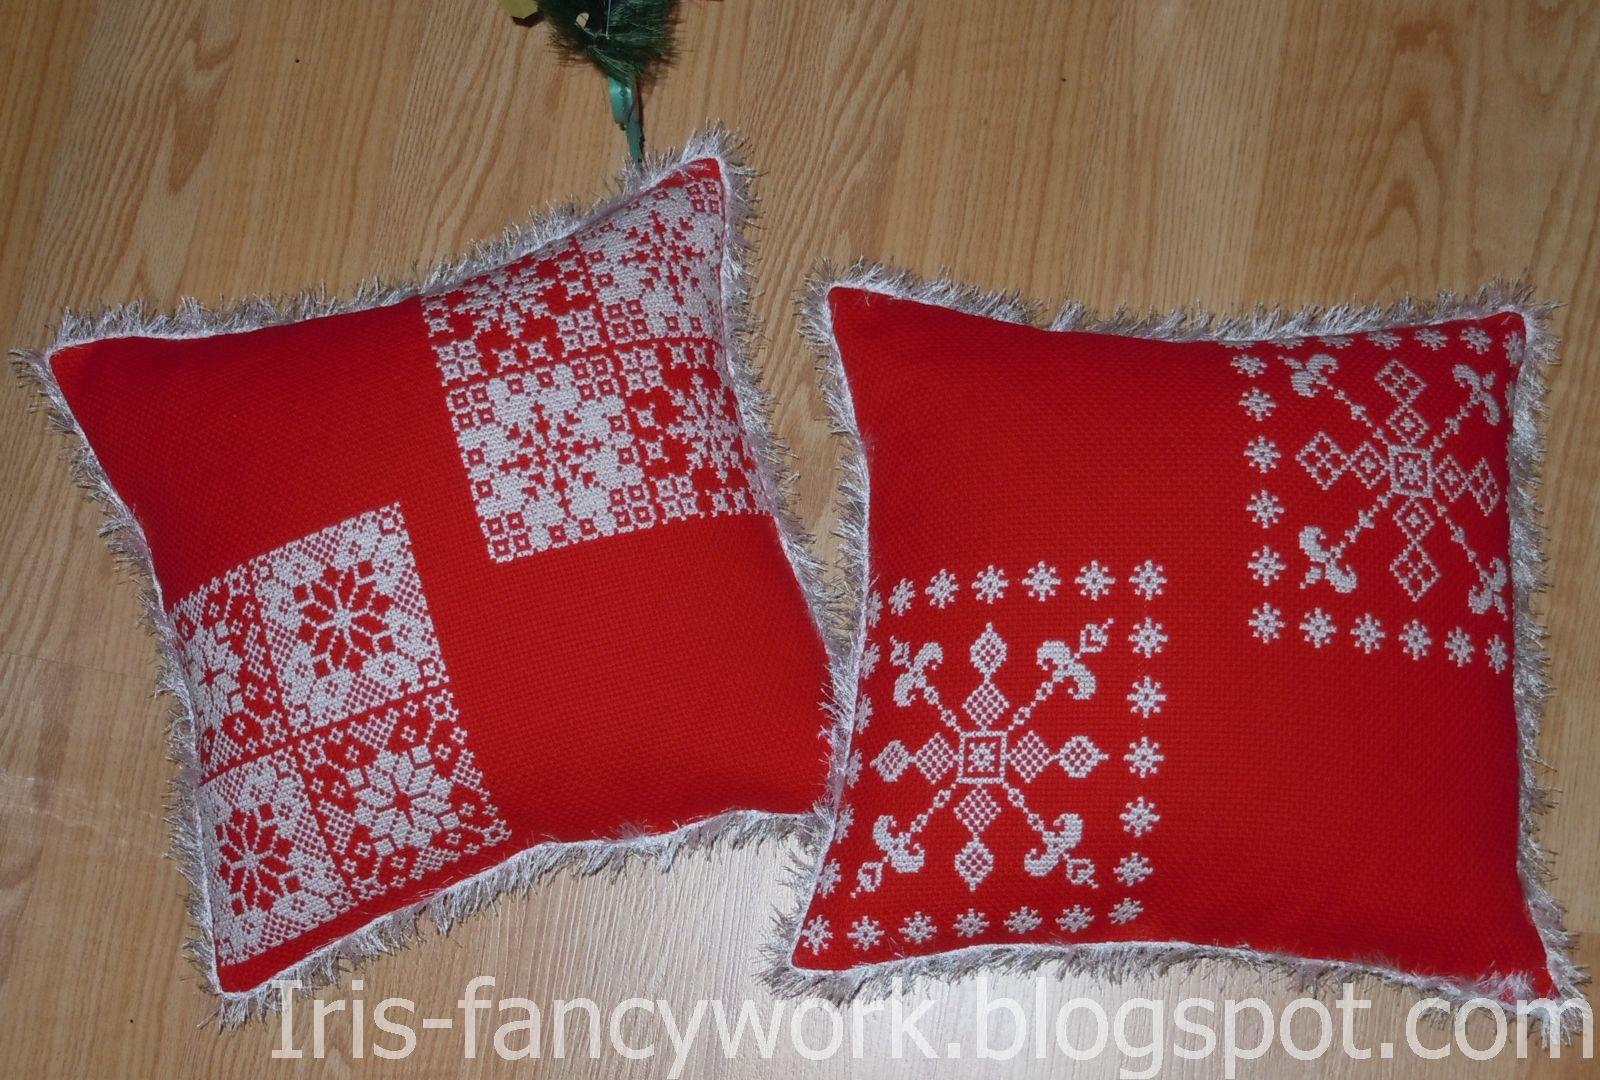 My Fancywork Blog: Красная <b>новогодняя</b> диванная <b>подушка</b> со ...